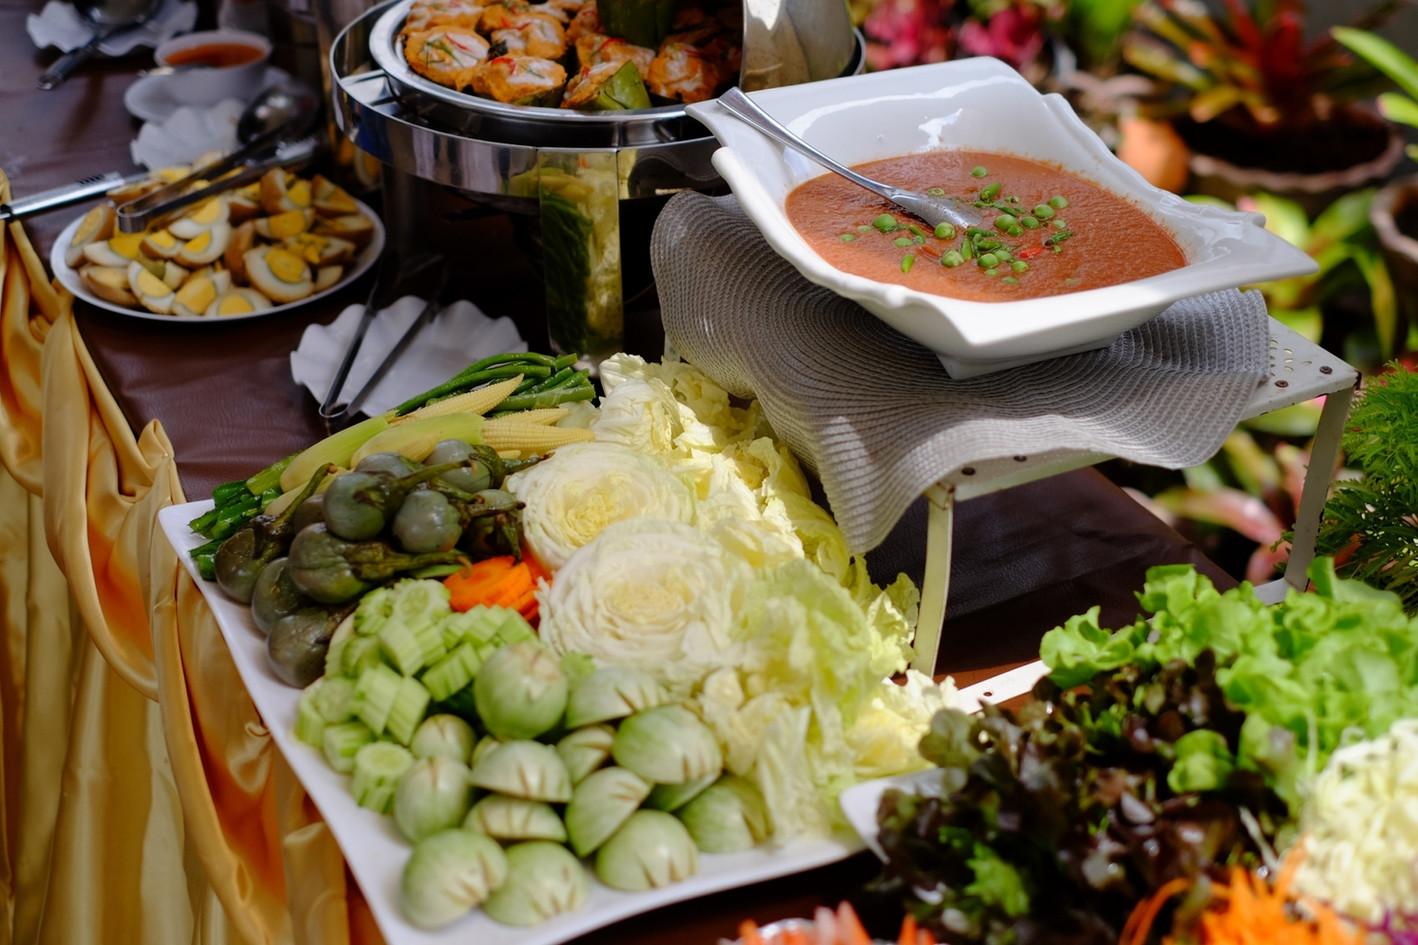 รูปอาหาร ของวันทำบุญ_๑๘๐๘๐๘_0128.jpg